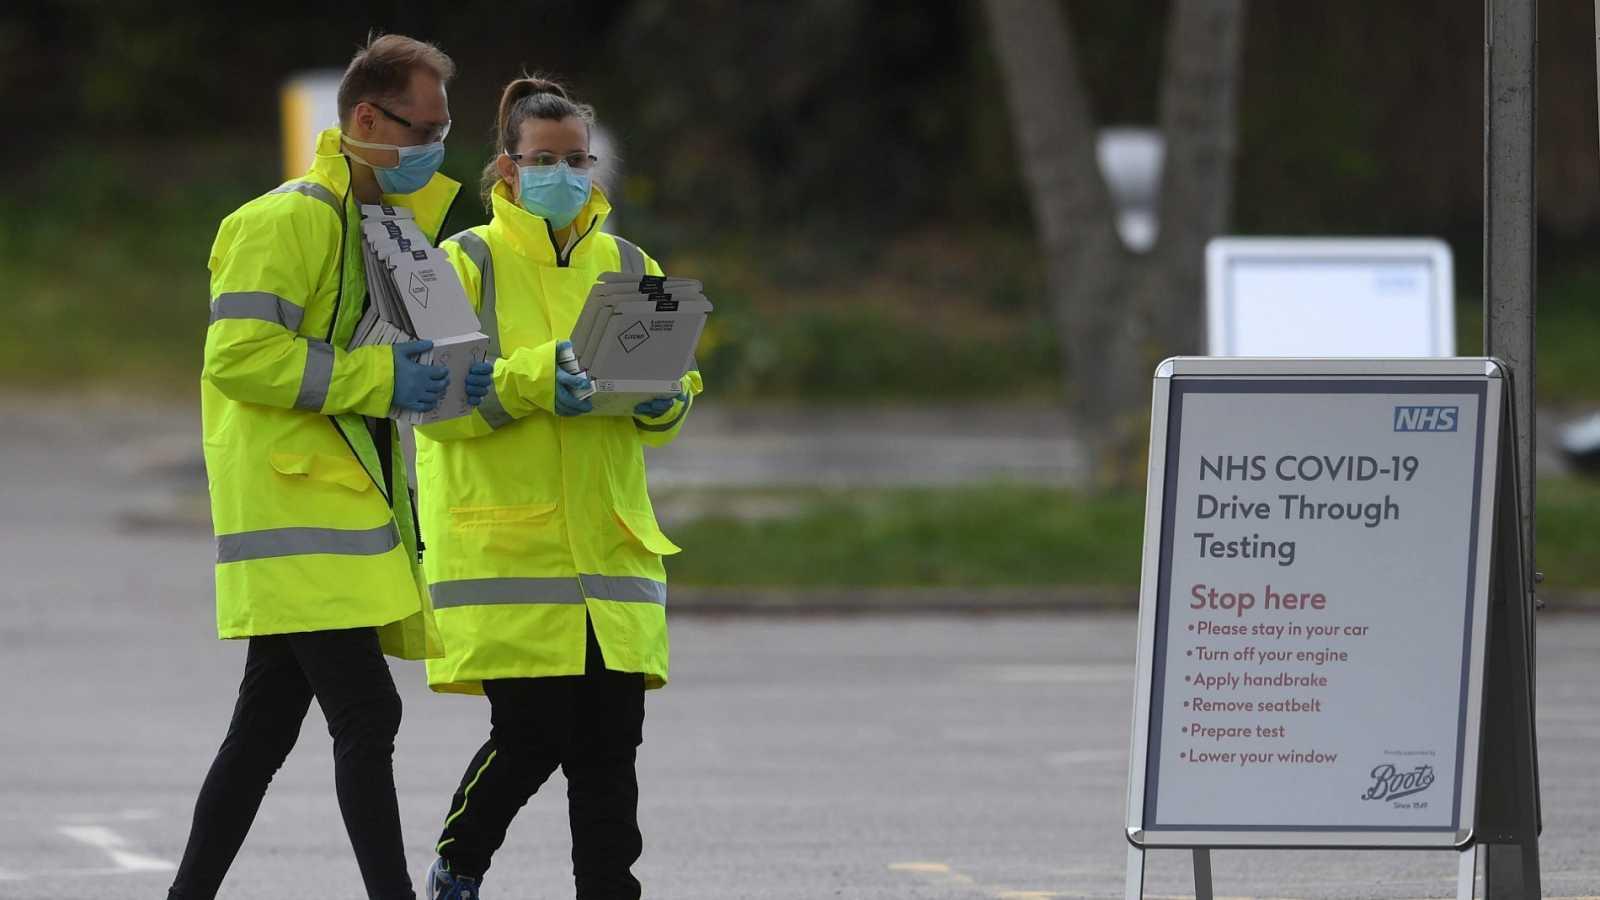 Aumenta un 24% el número de muertos con coronavirus en el Reino Unido, hasta los 2.921 fallecidos